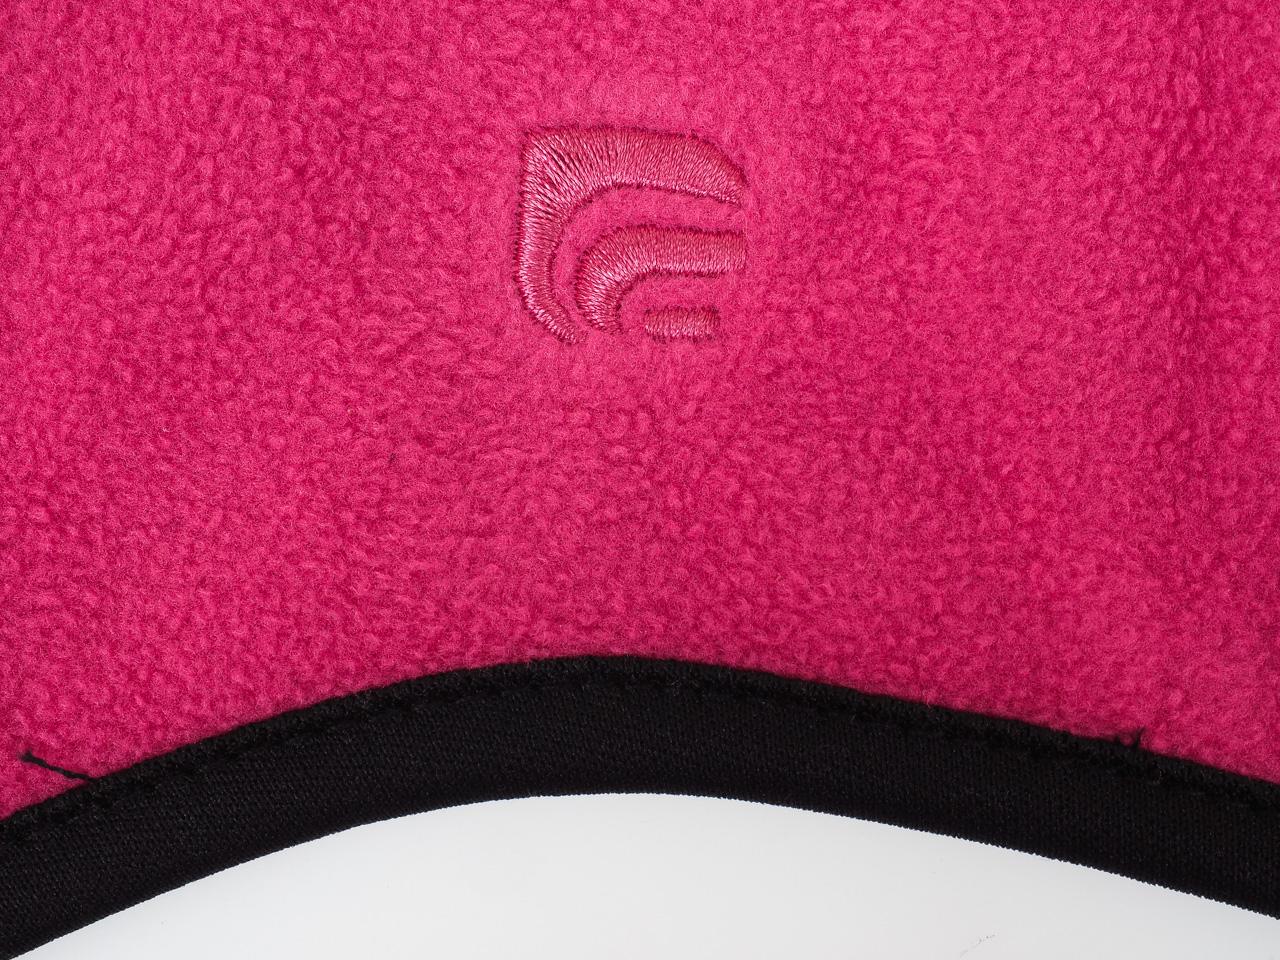 Hood-Winter-Cairn-Hood-Fus-Polar-G-Pink-31208-New thumbnail 4